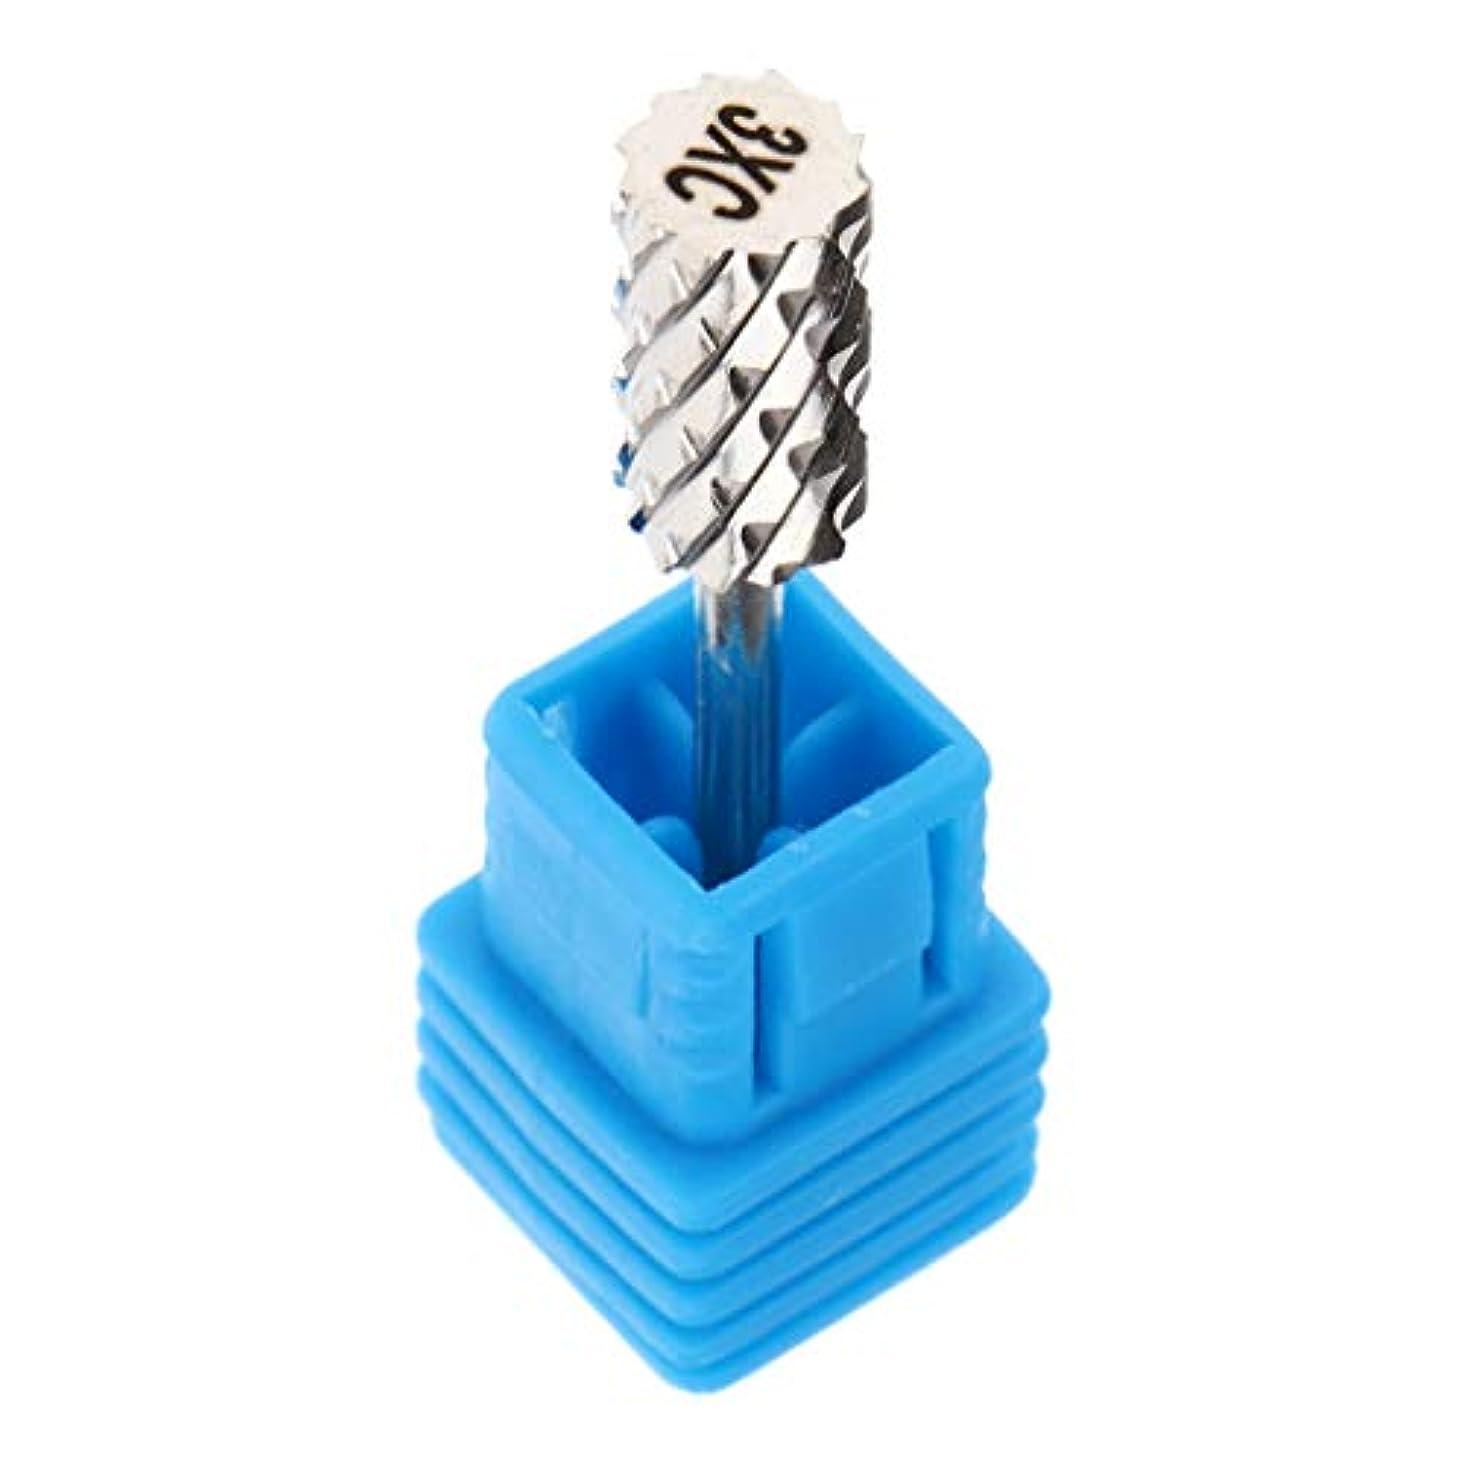 義務づけるほうきライド電気ネイルマシン ネイルドリルビット 研磨ヘッド ネイルサロン 爪やすり 全6選択 - 06